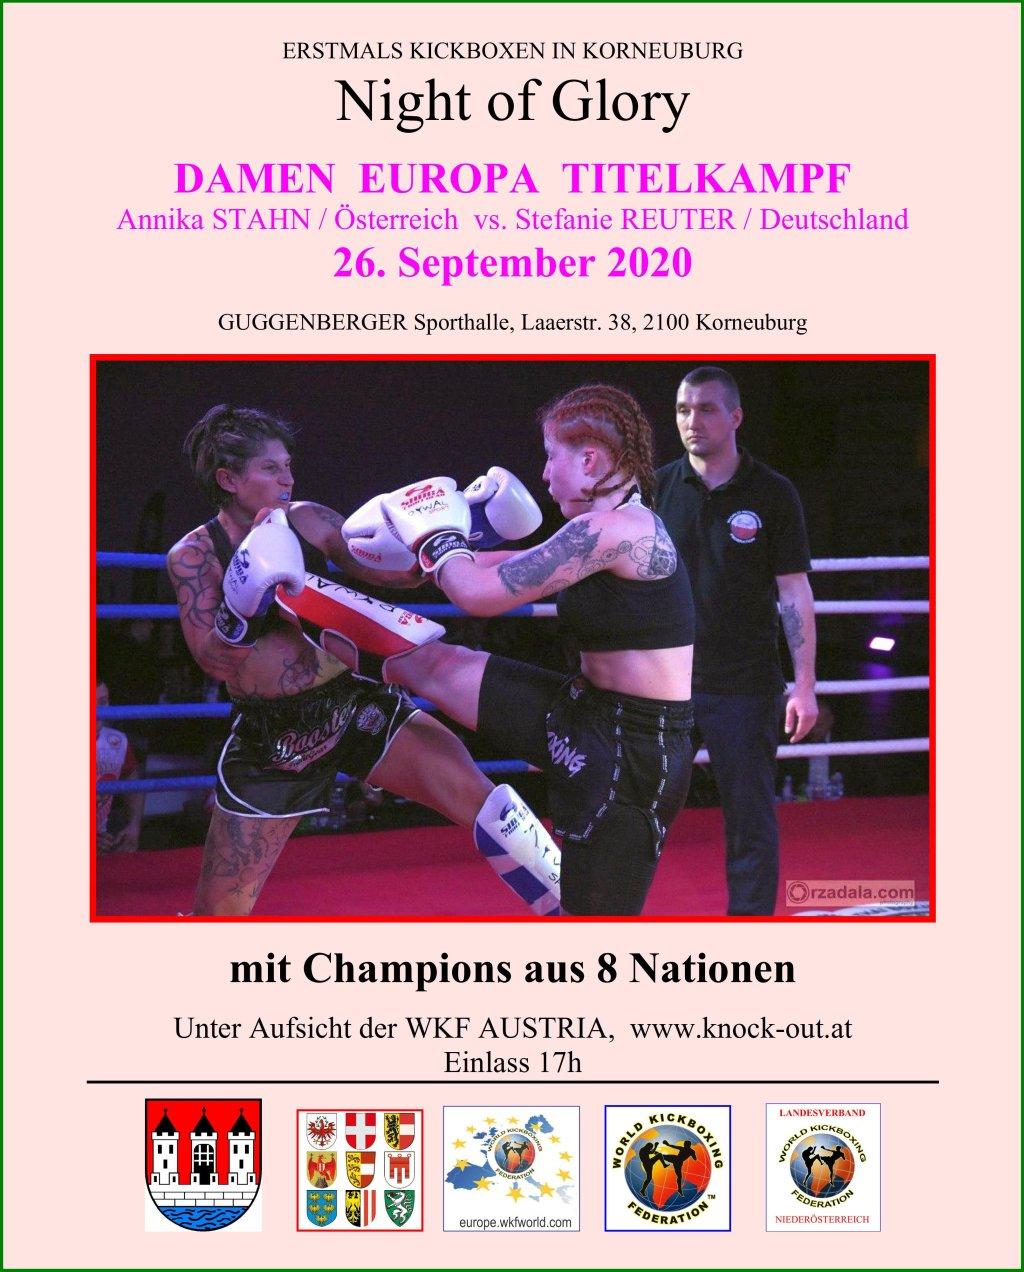 """""""19. Night of Glory"""" mit Ladies K-1 Europatitelkampf Annika STAHN / Octagon pro Gym Wien vs. Stefanie REUTER / Deutschland"""